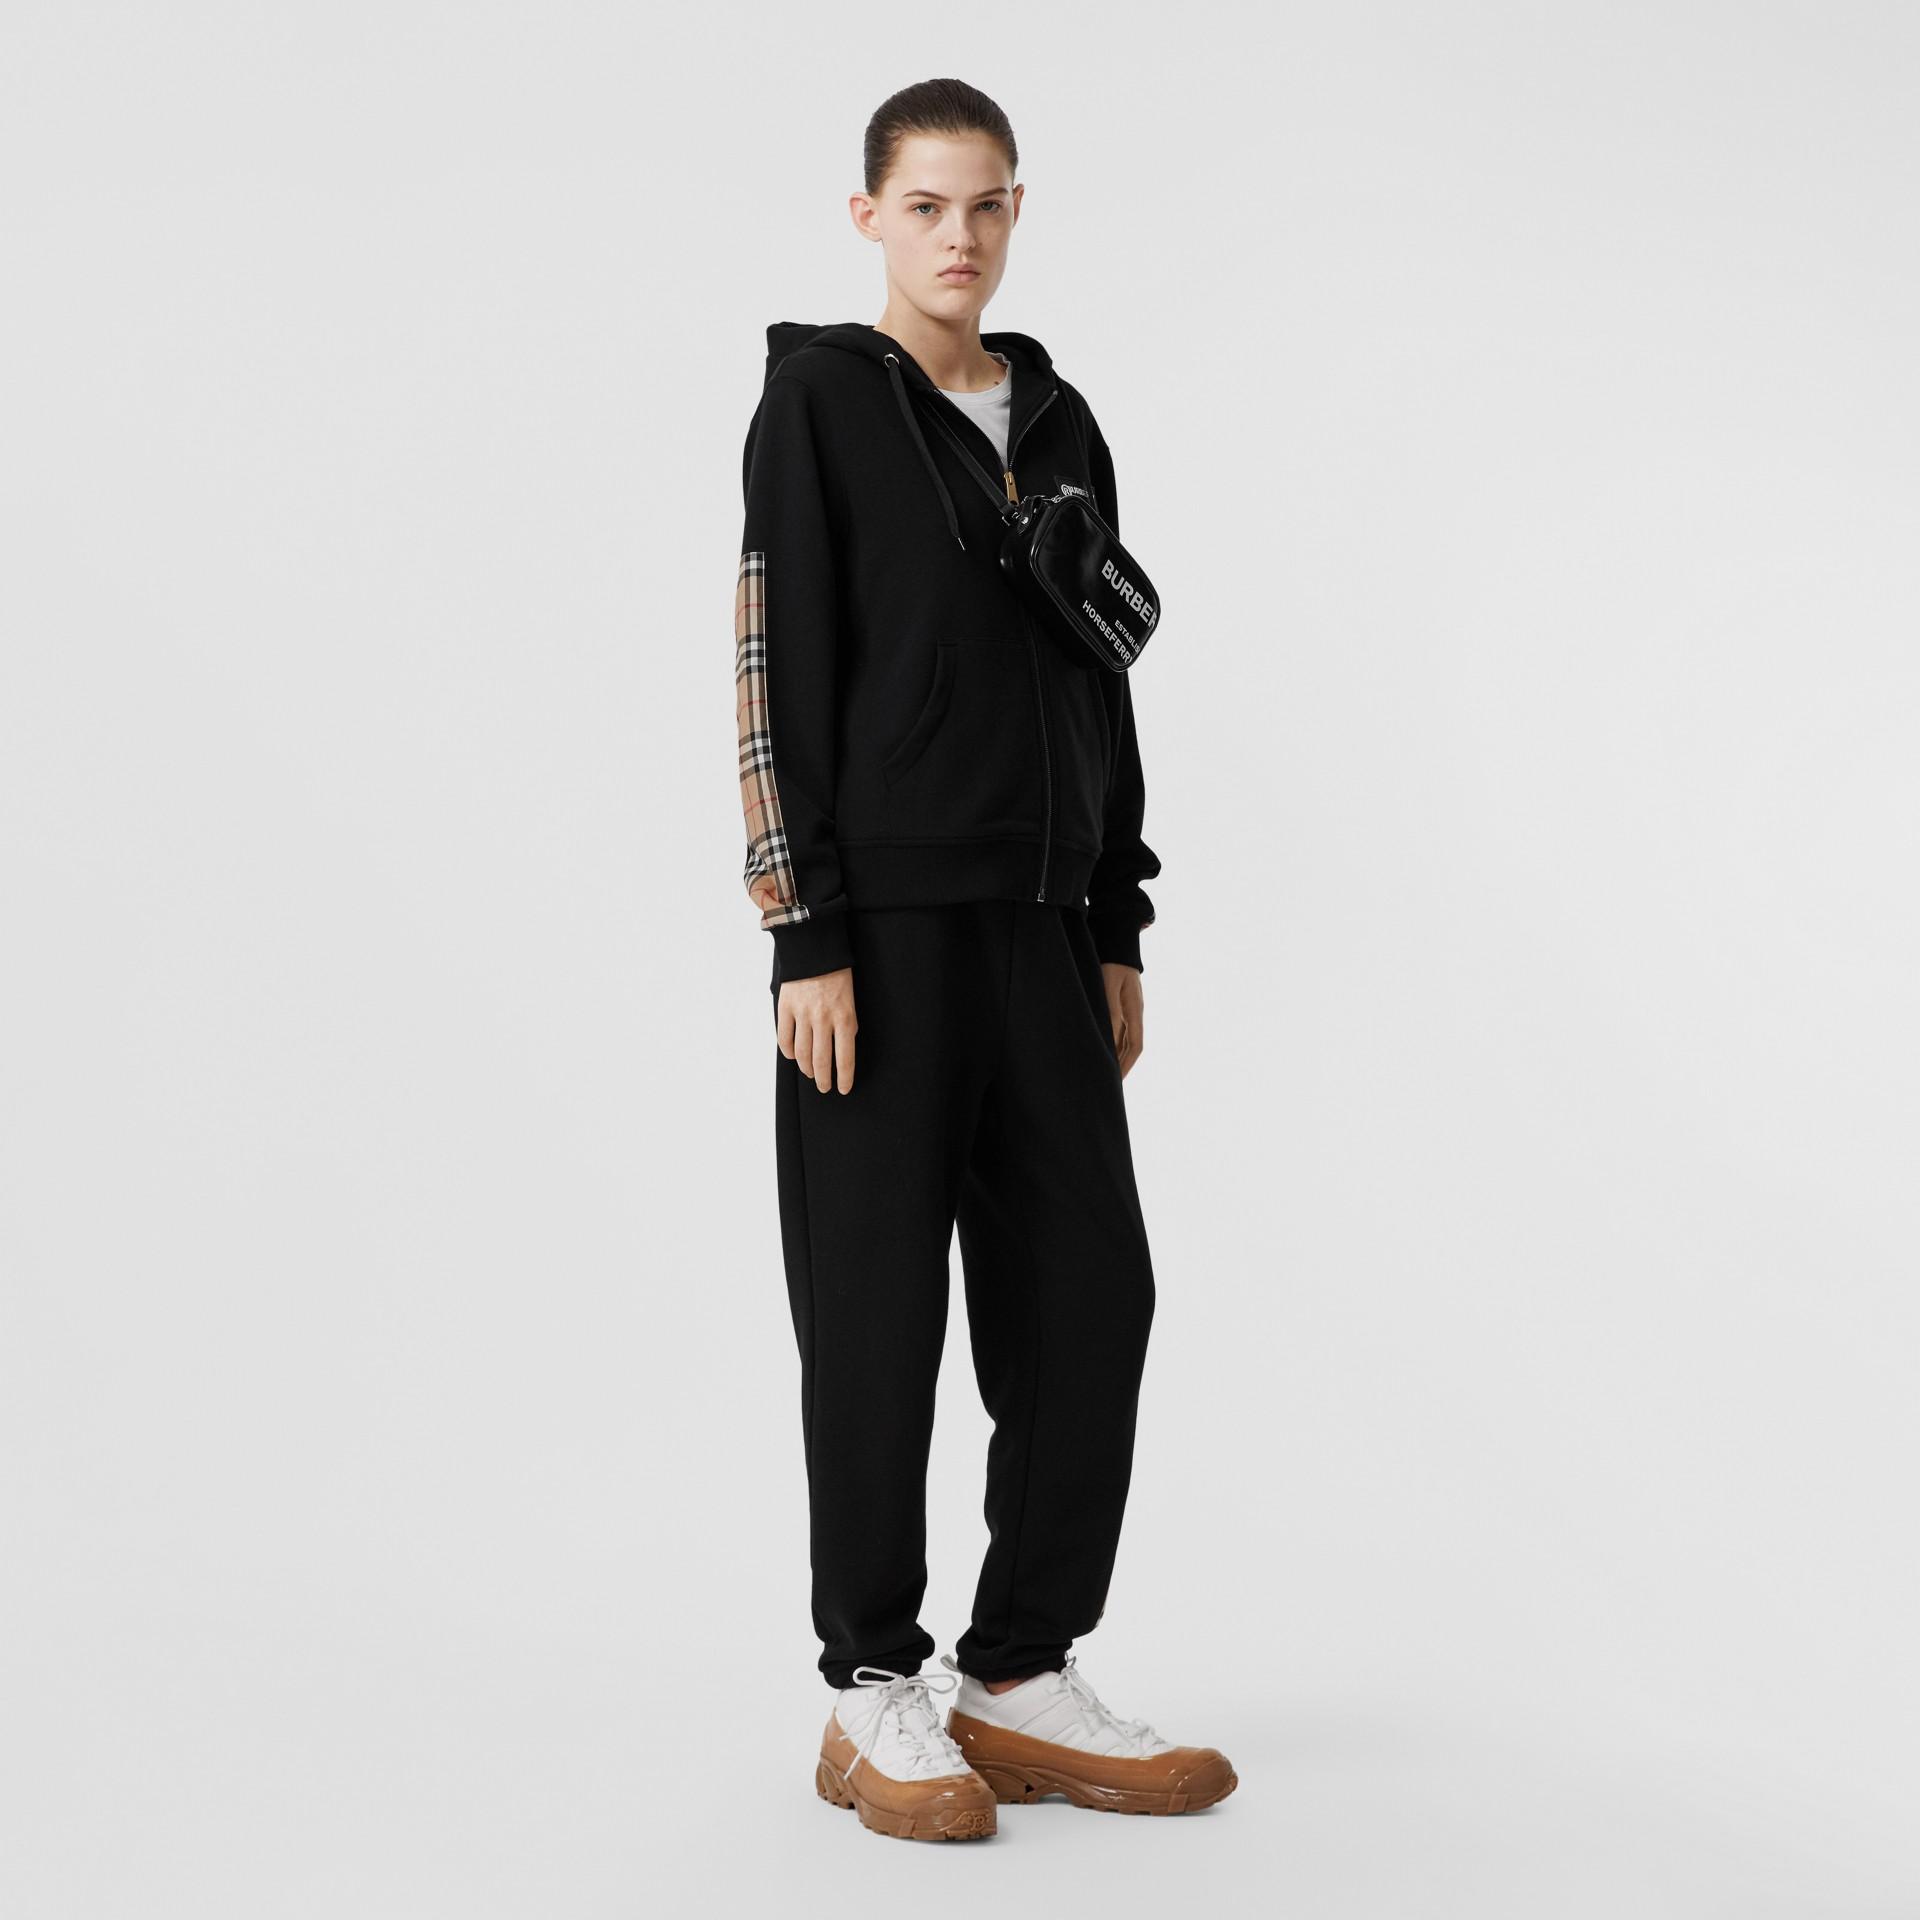 Vintage 格紋裁片棉質寬版連帽上衣 (黑色) - 女款 | Burberry - 圖庫照片 0